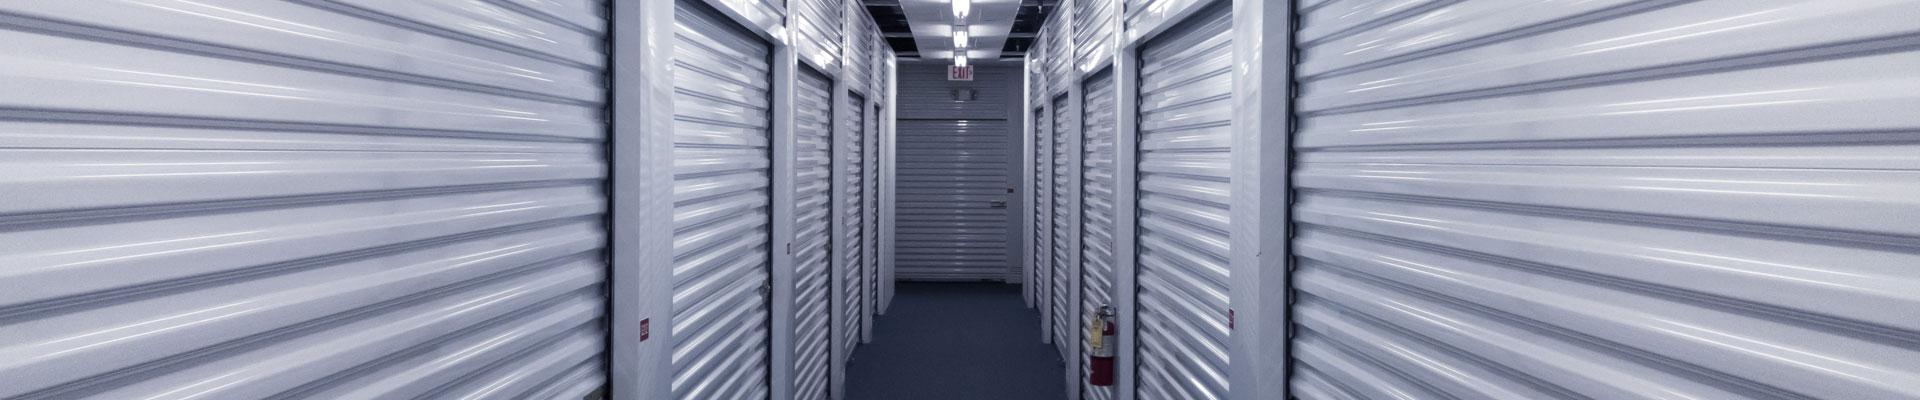 Self Storage of Stratford